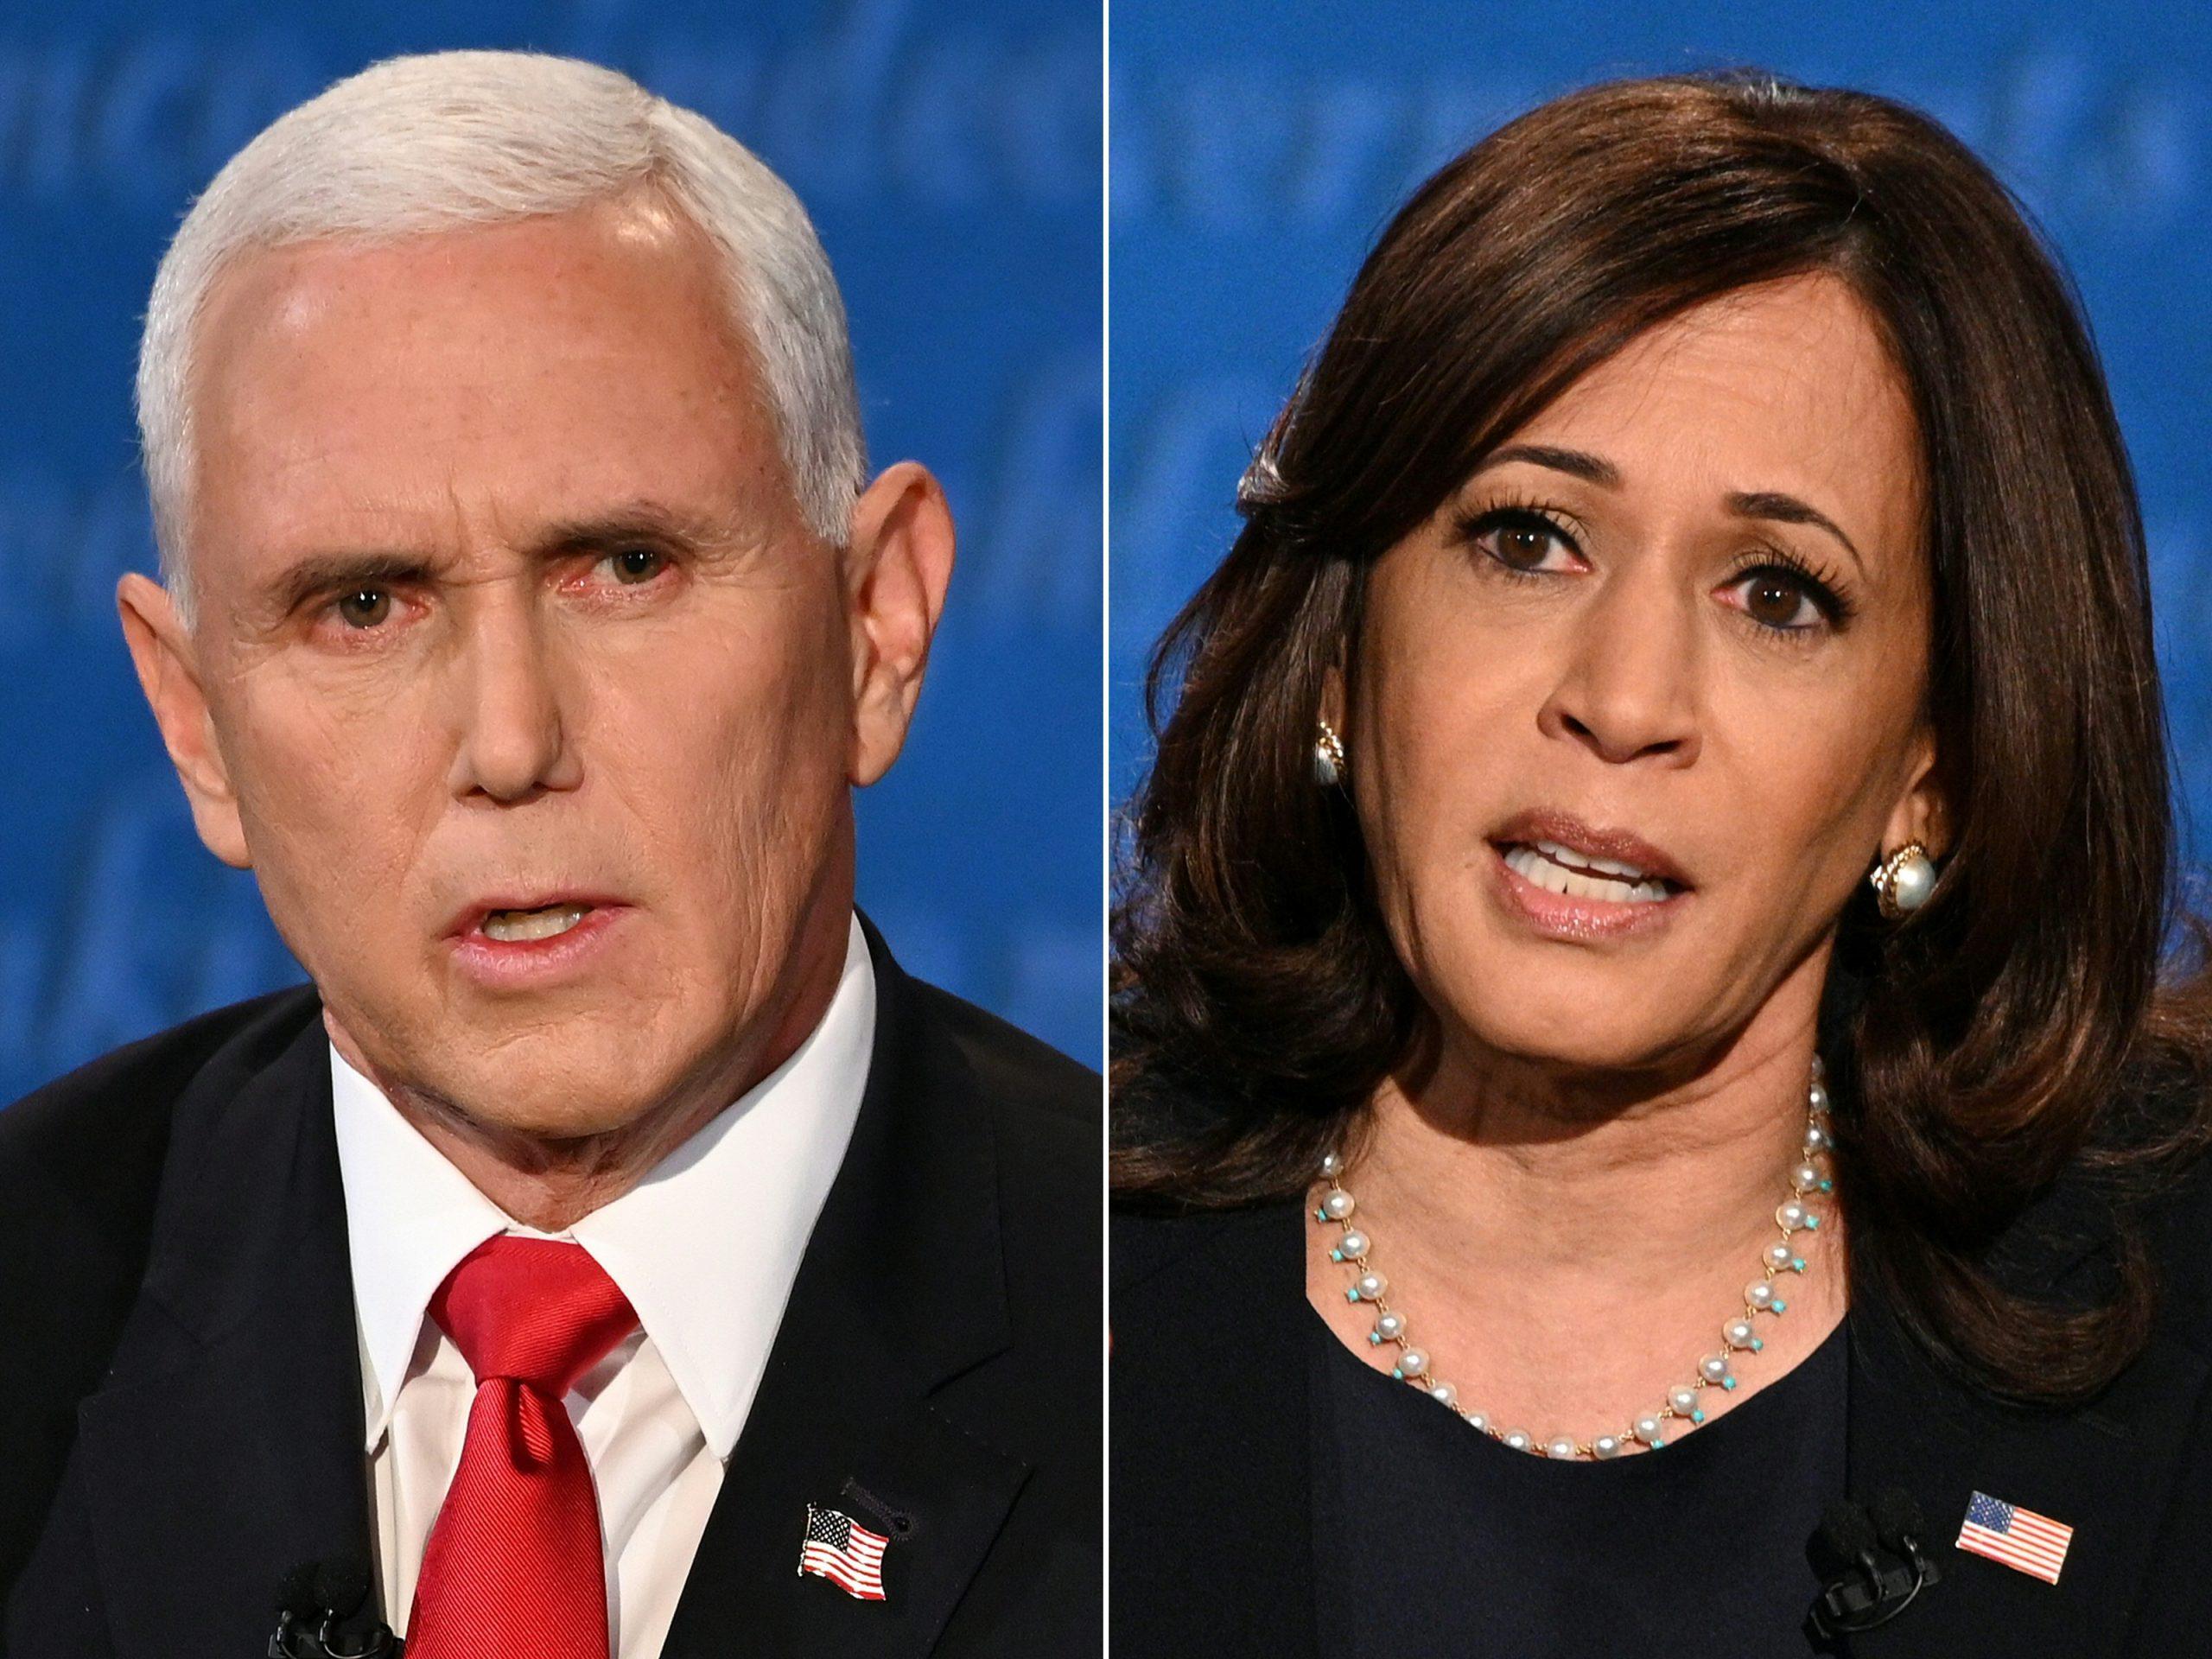 Mike Pence crea vínculo con Kamala Harris próximo a juramento de Biden